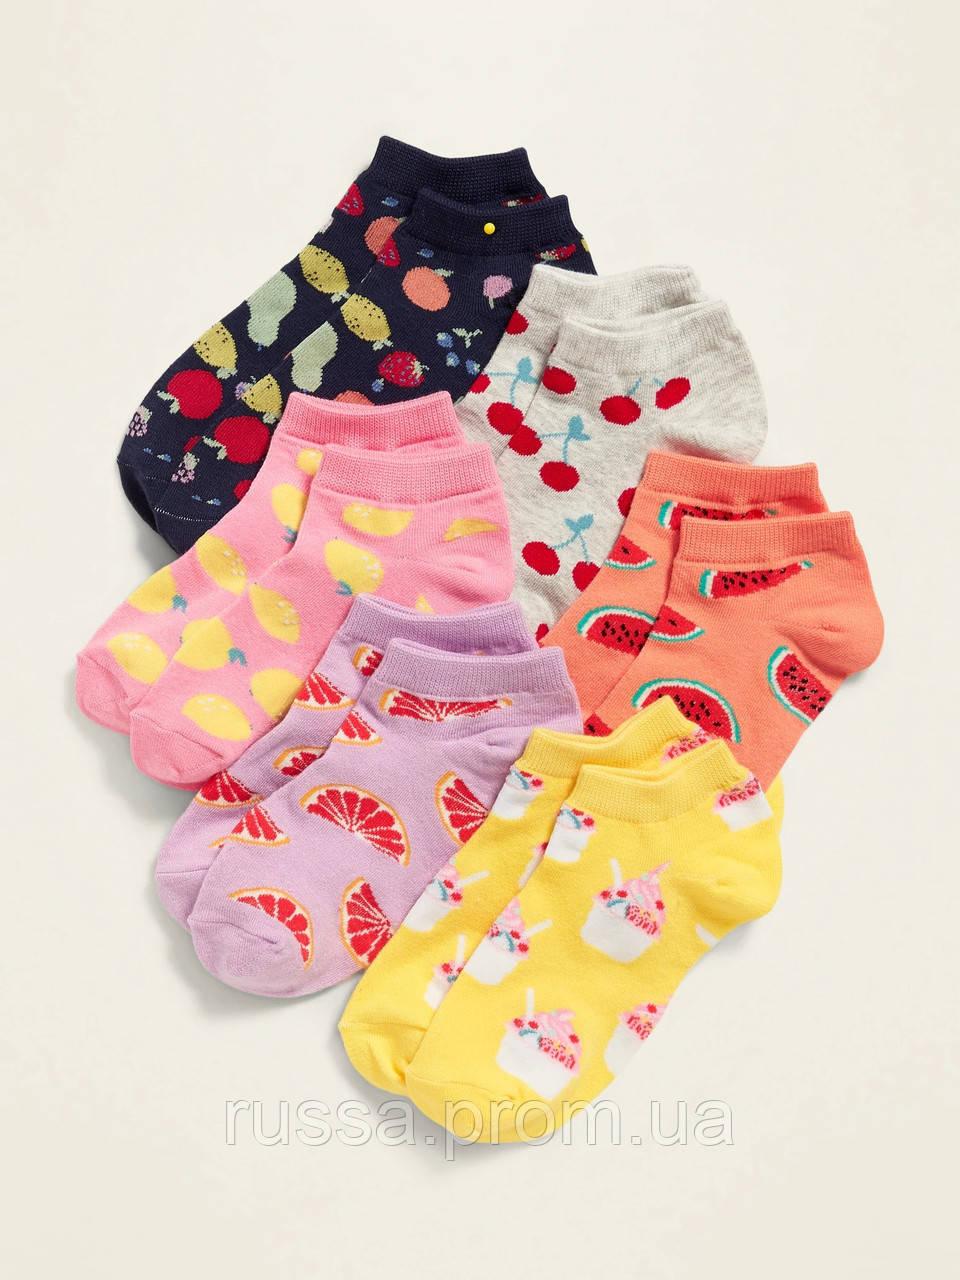 Набор детских носочков 4 пары Old Navy для девочки